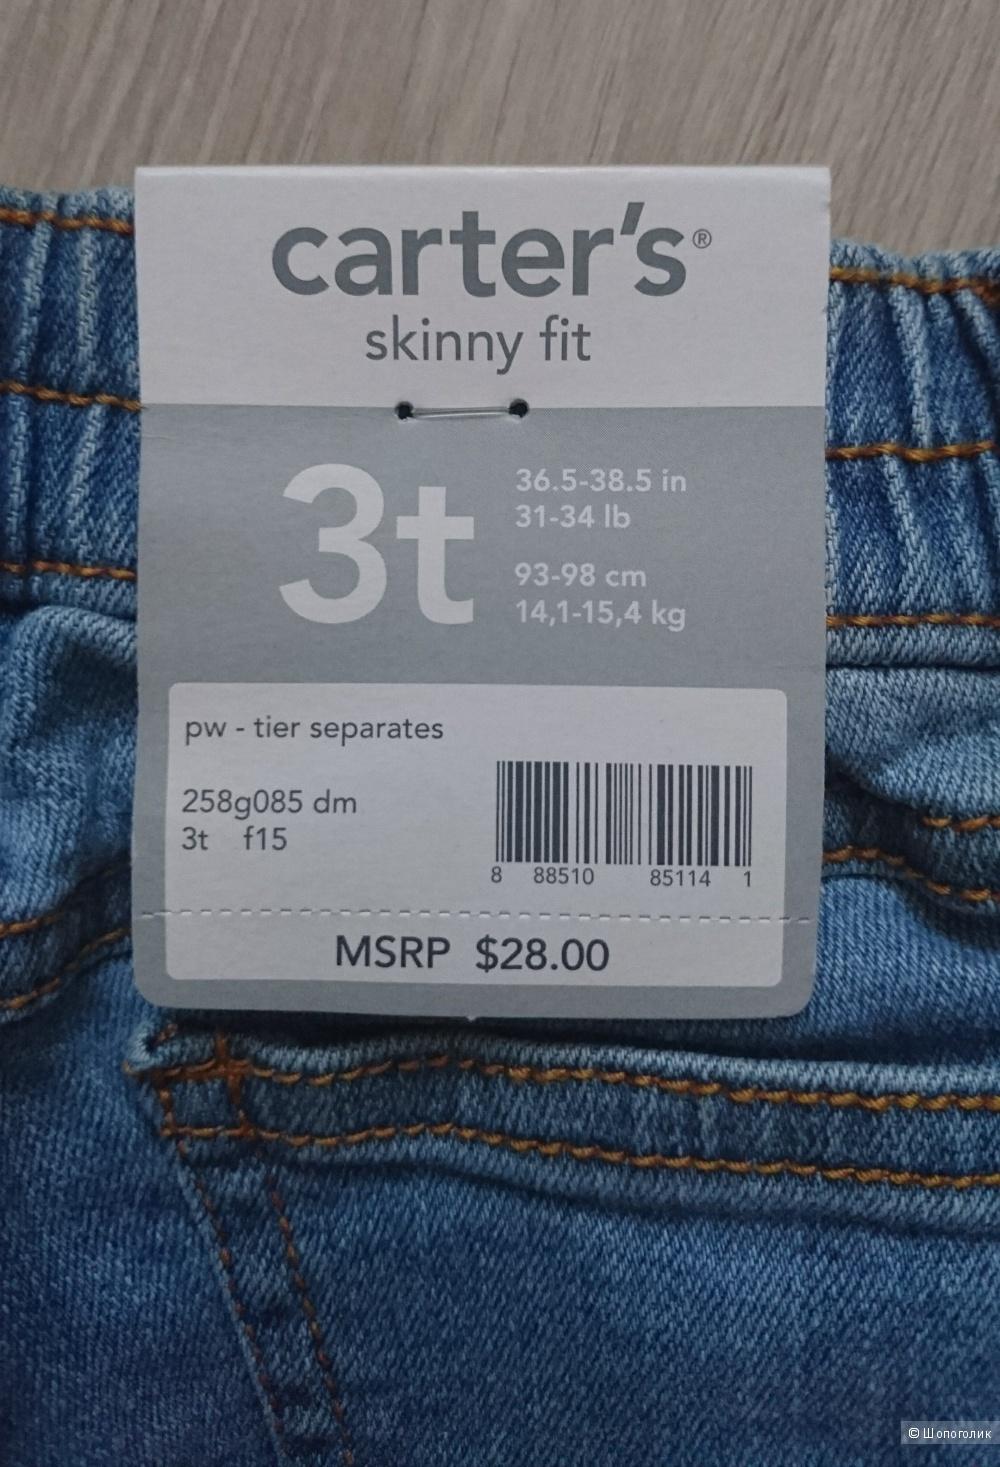 Детские джинсы Carter's , размер 3t